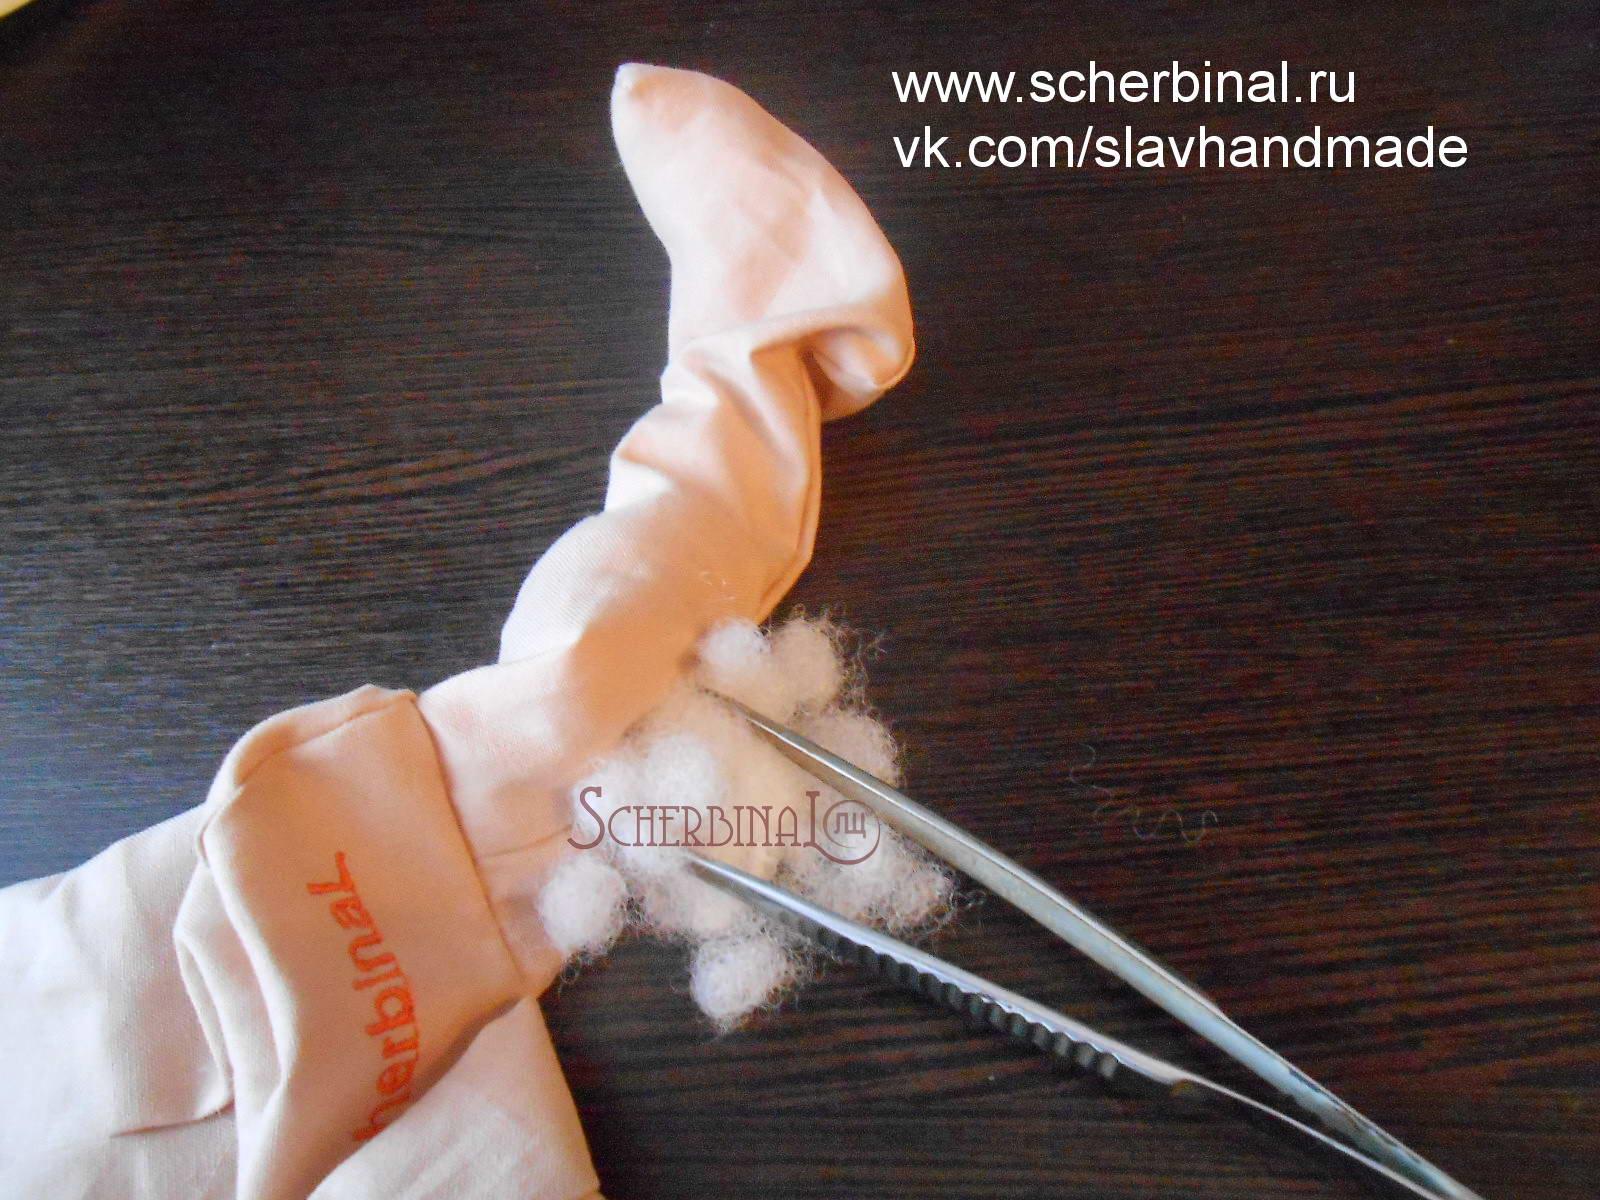 игровая текстильная кукла-карамелька Людмилы Щербина, мастер класс